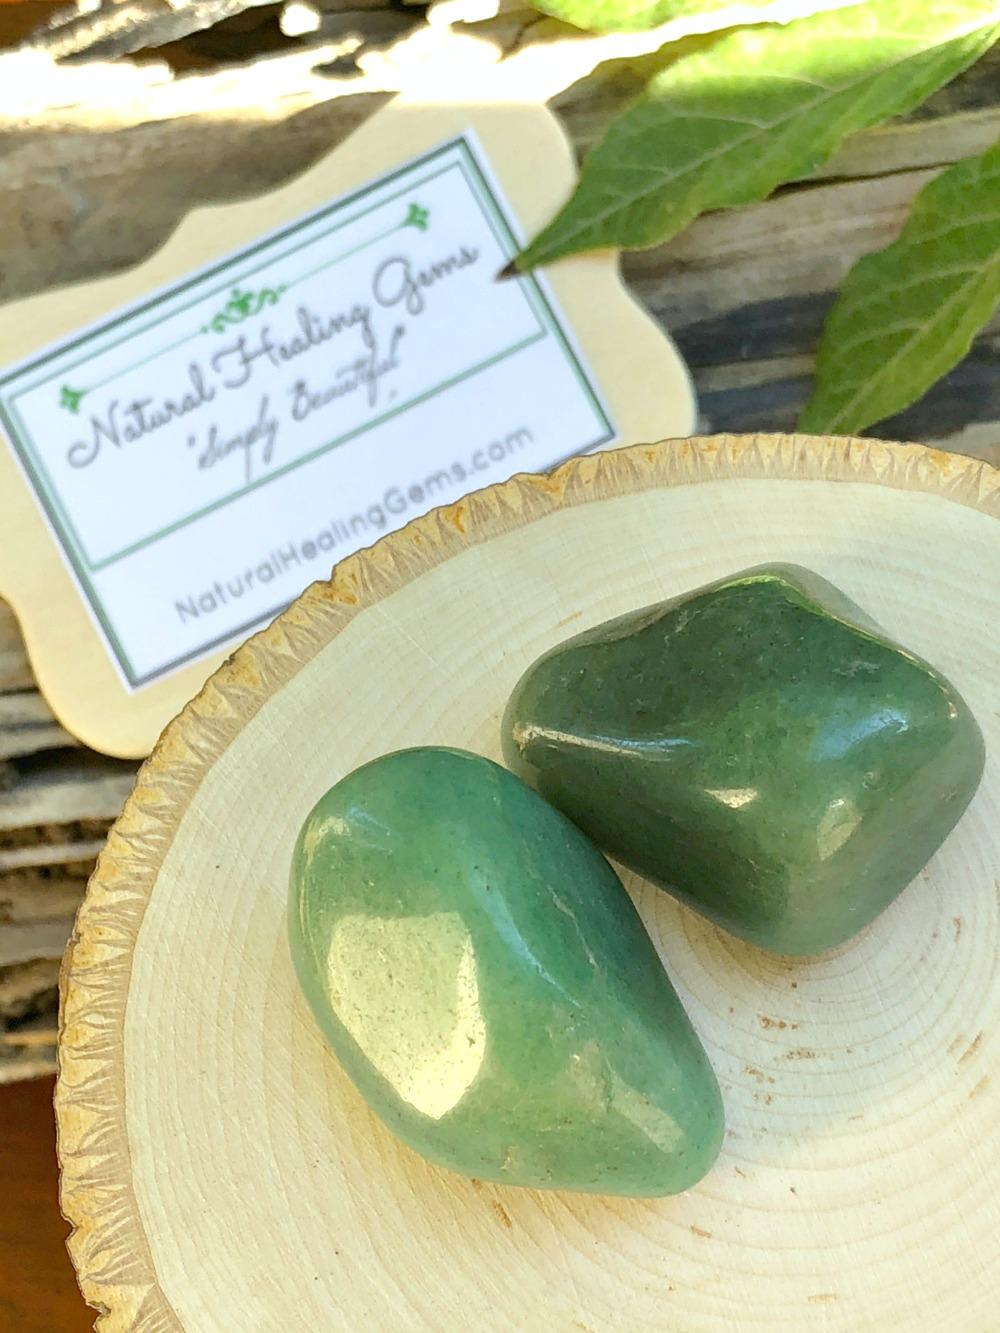 green aventurine - wishing stones 2.jpg